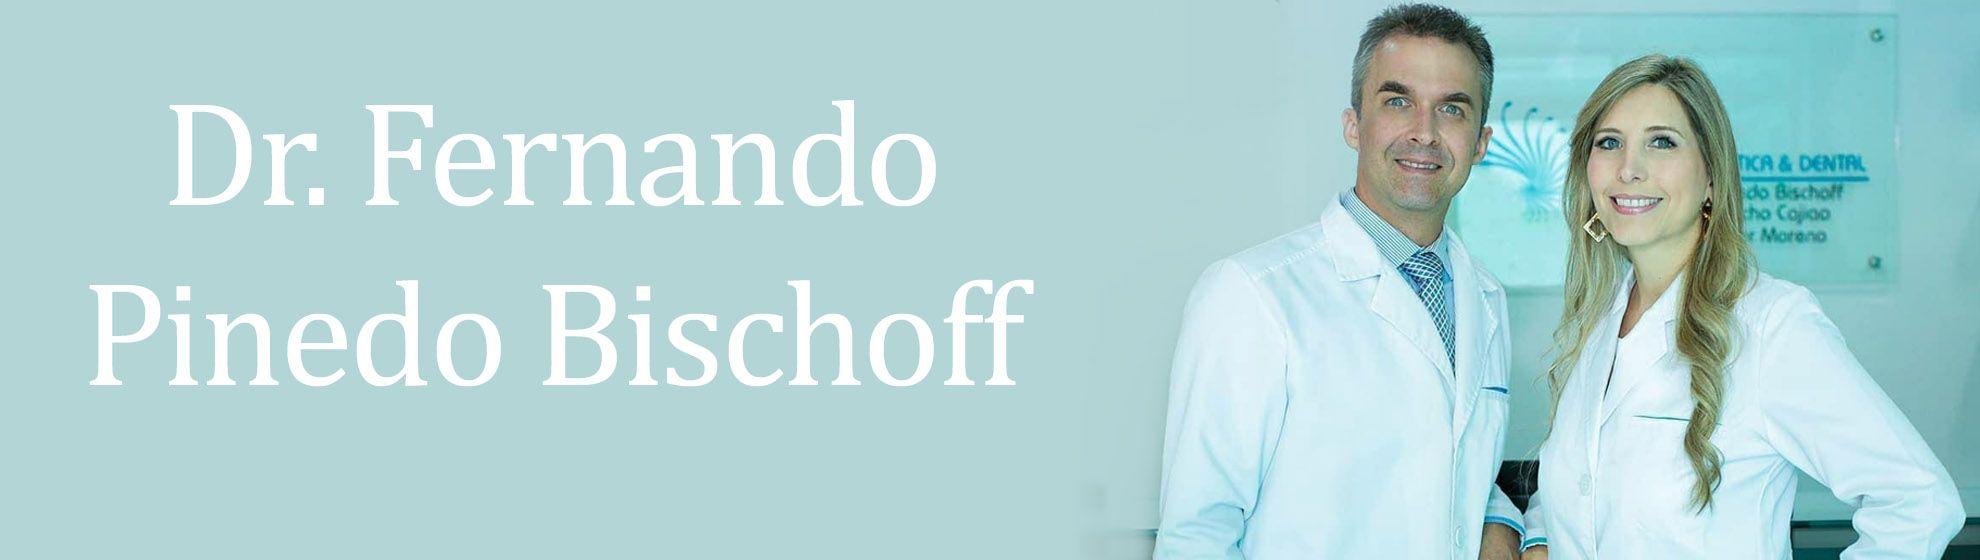 Dr. Fernando Pinedo Bischoff